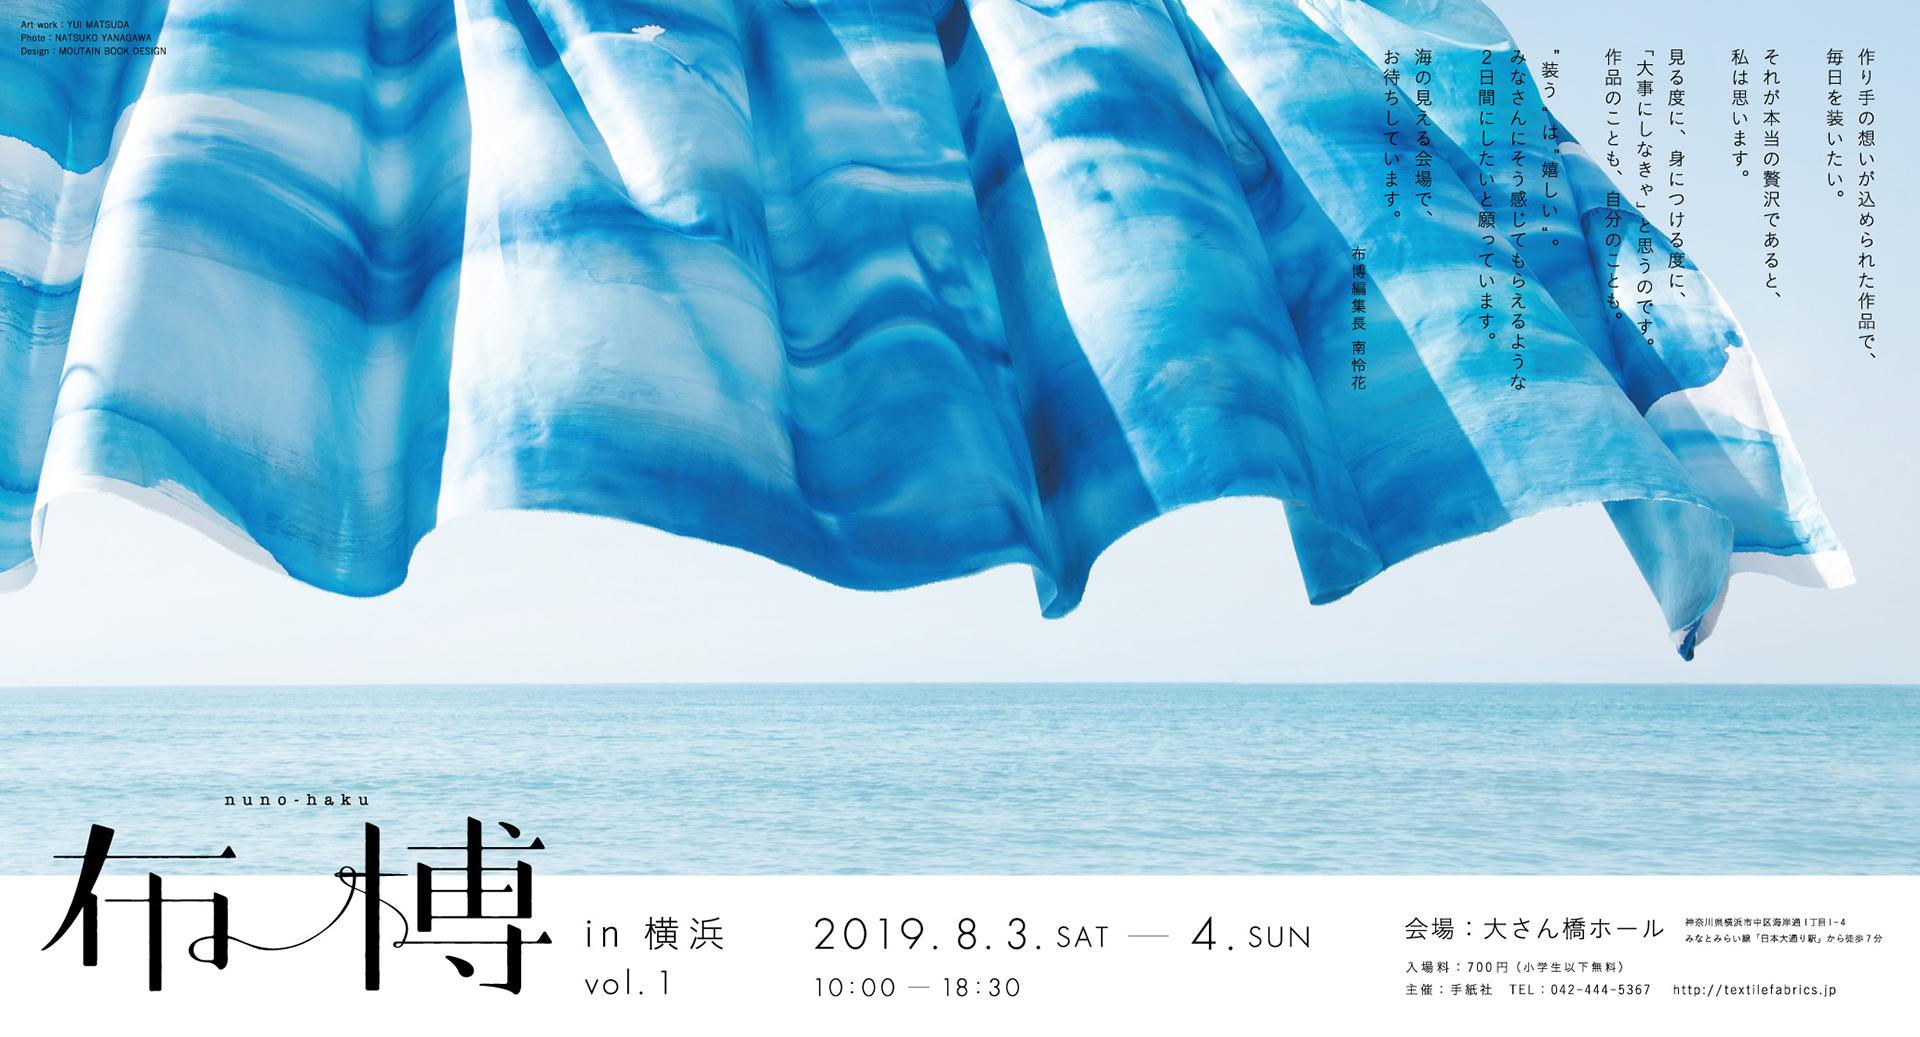 この写真は布博のメインビジュアル。風に舞う布。概要が掲載されています